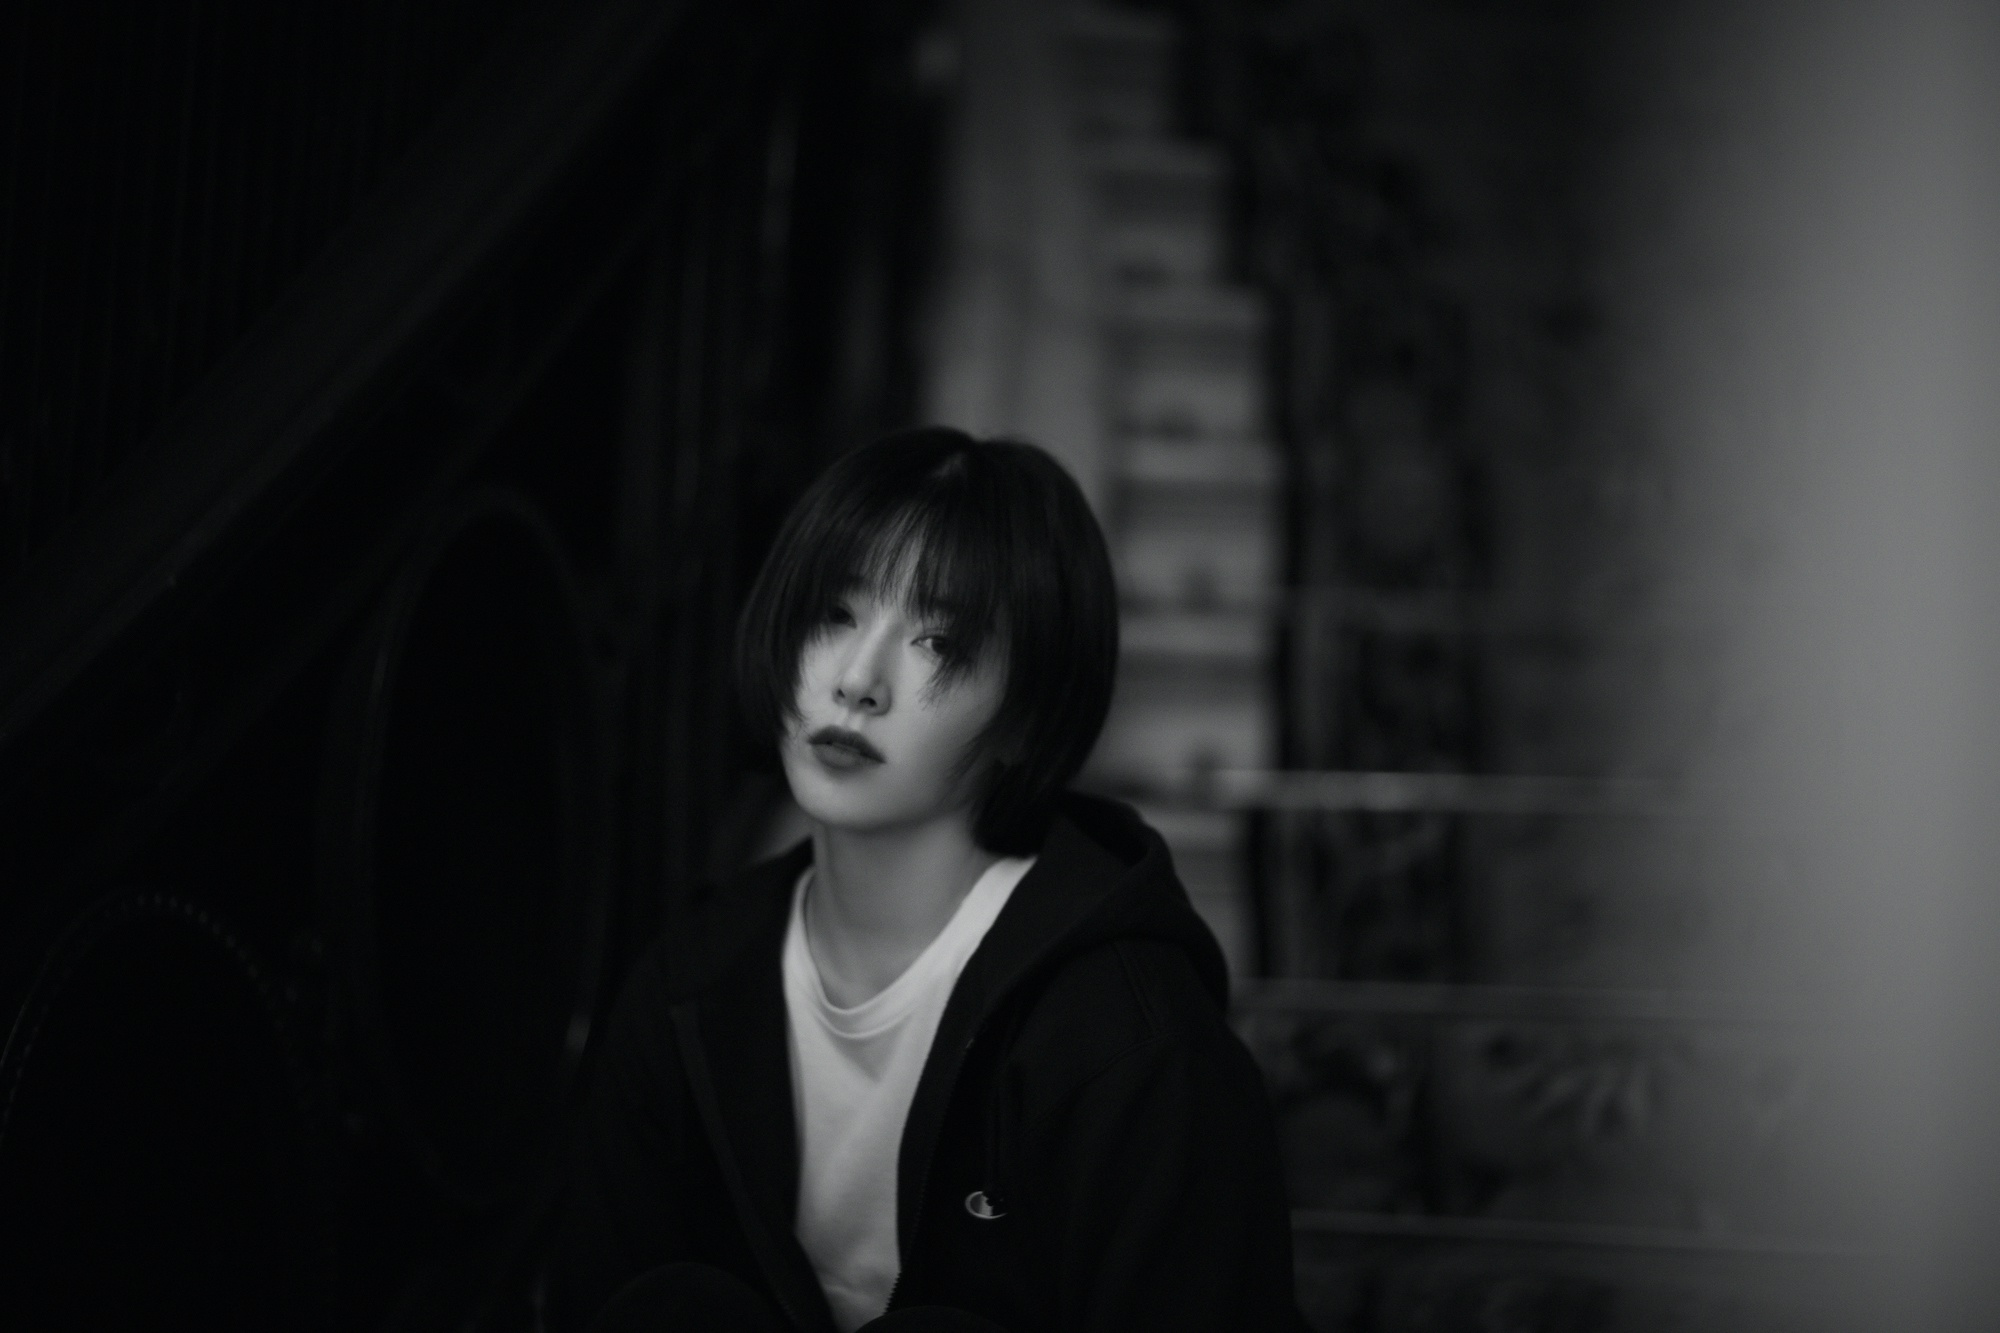 阚清子发布极简黑白写真  粉丝开启文案创作大赛模式